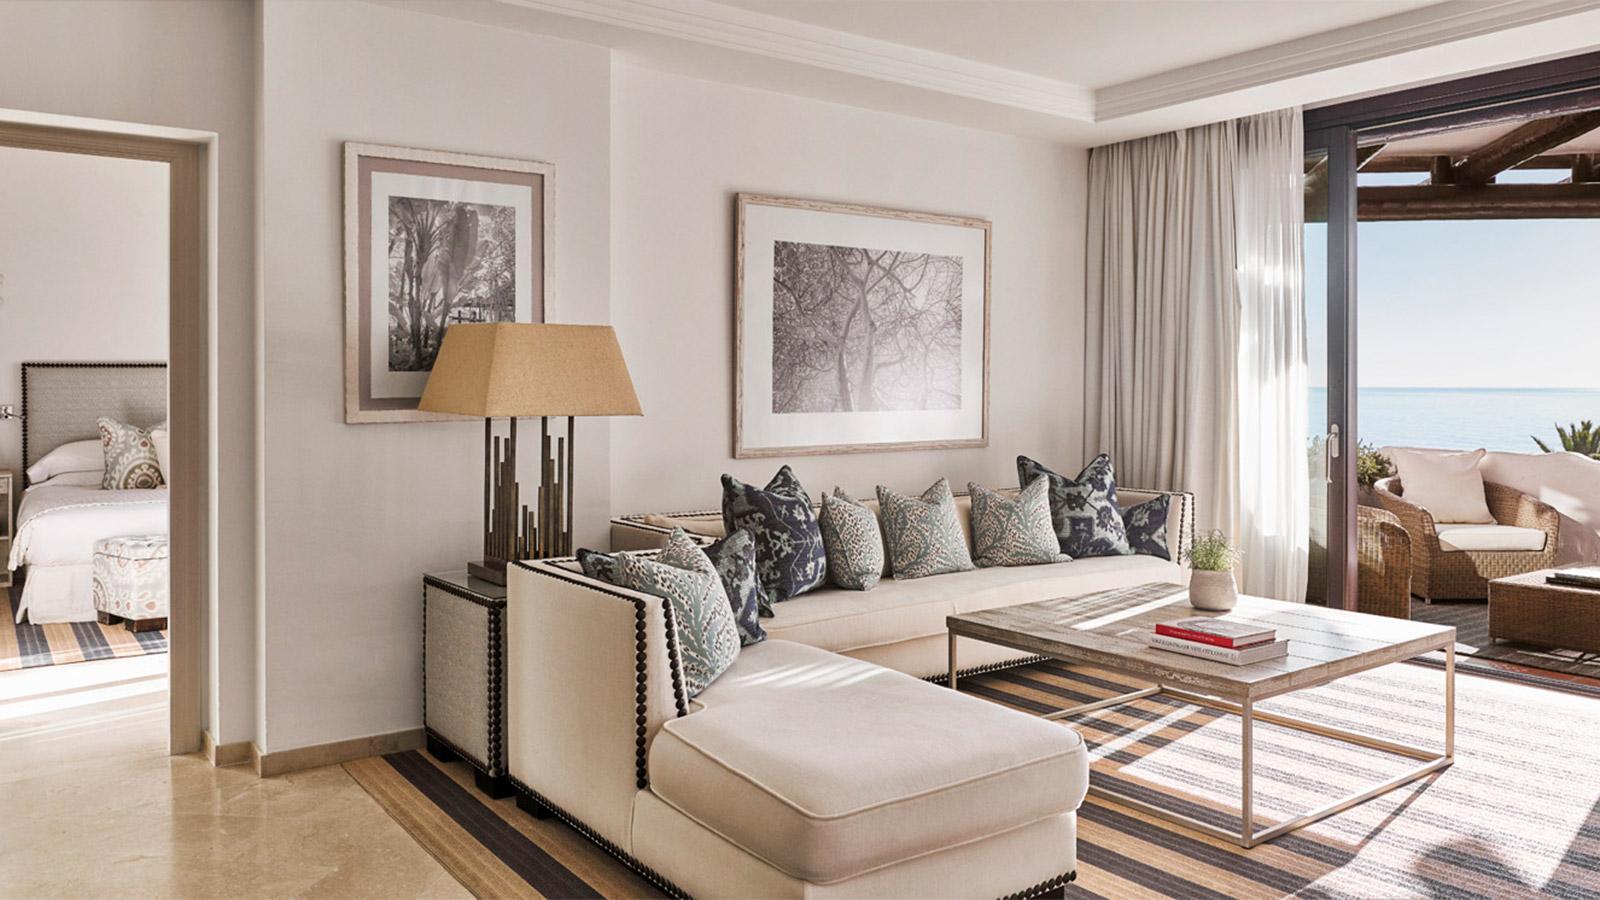 Family Rooms at Marbella Club